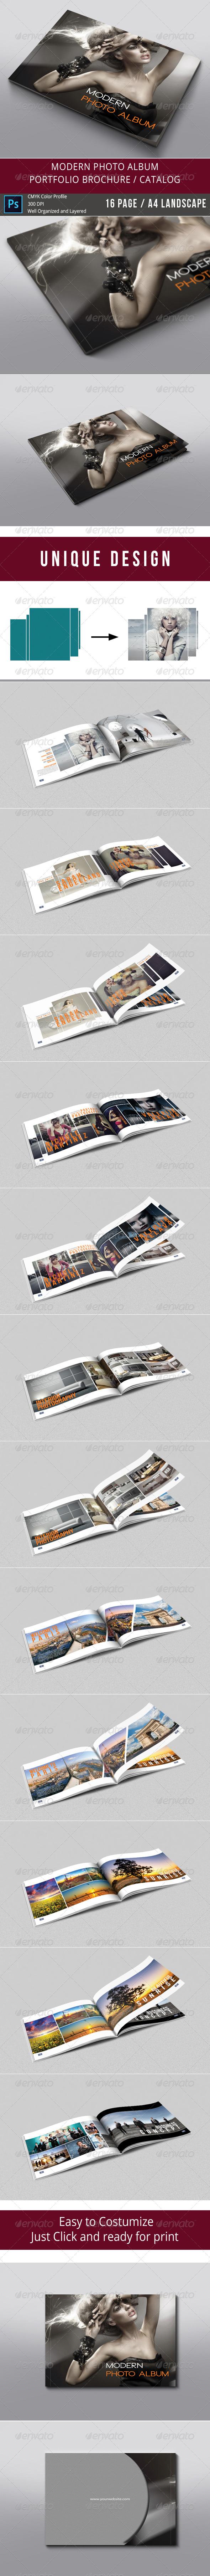 GraphicRiver Modern Photo Album 8026411